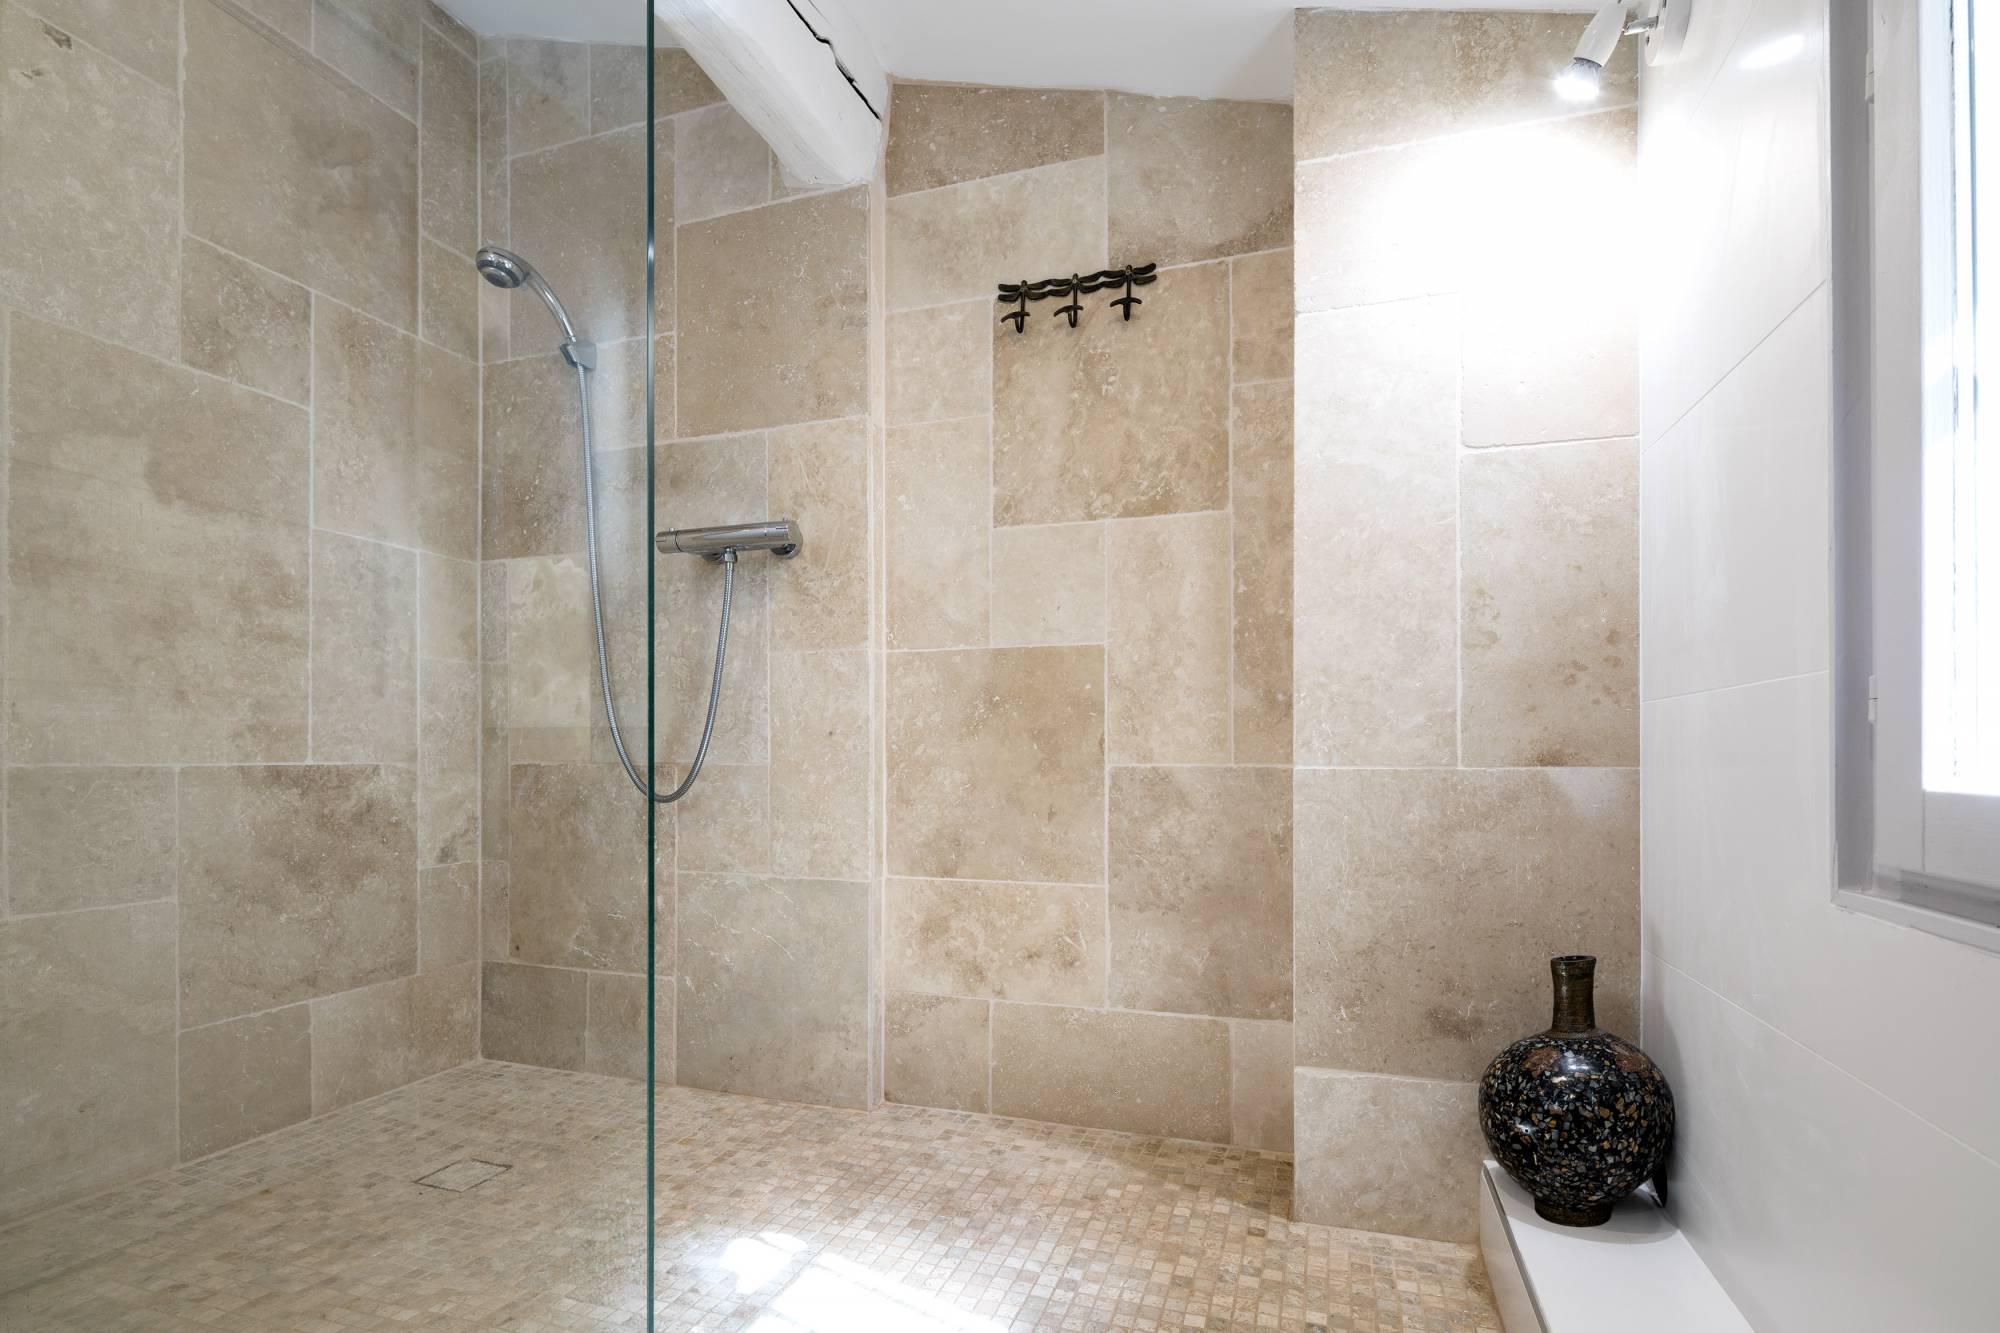 Salle de bains en opus de travertin Aix en Provence ...